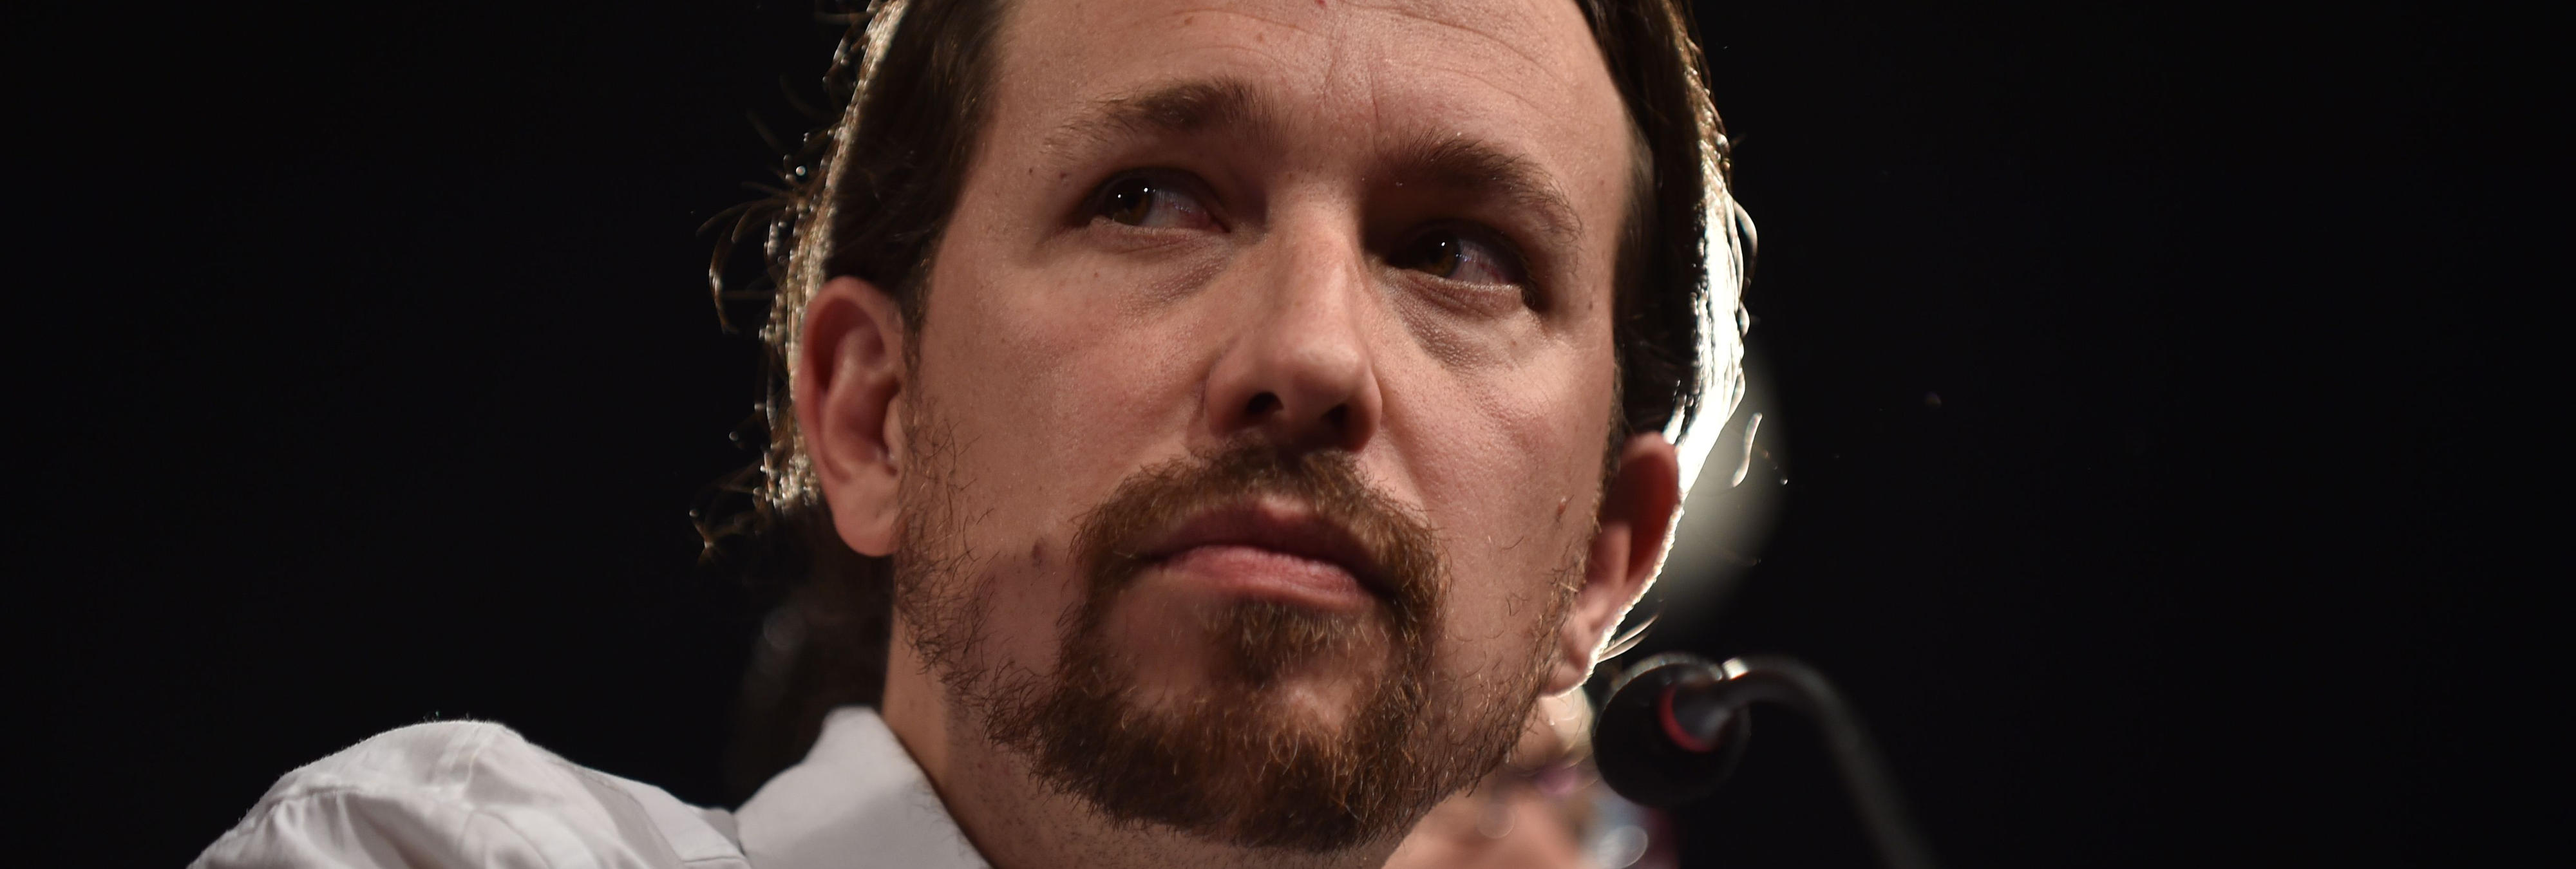 El PSOE crecería si se produjesen hoy unas terceras elecciones y Podemos sería el que más bajaría